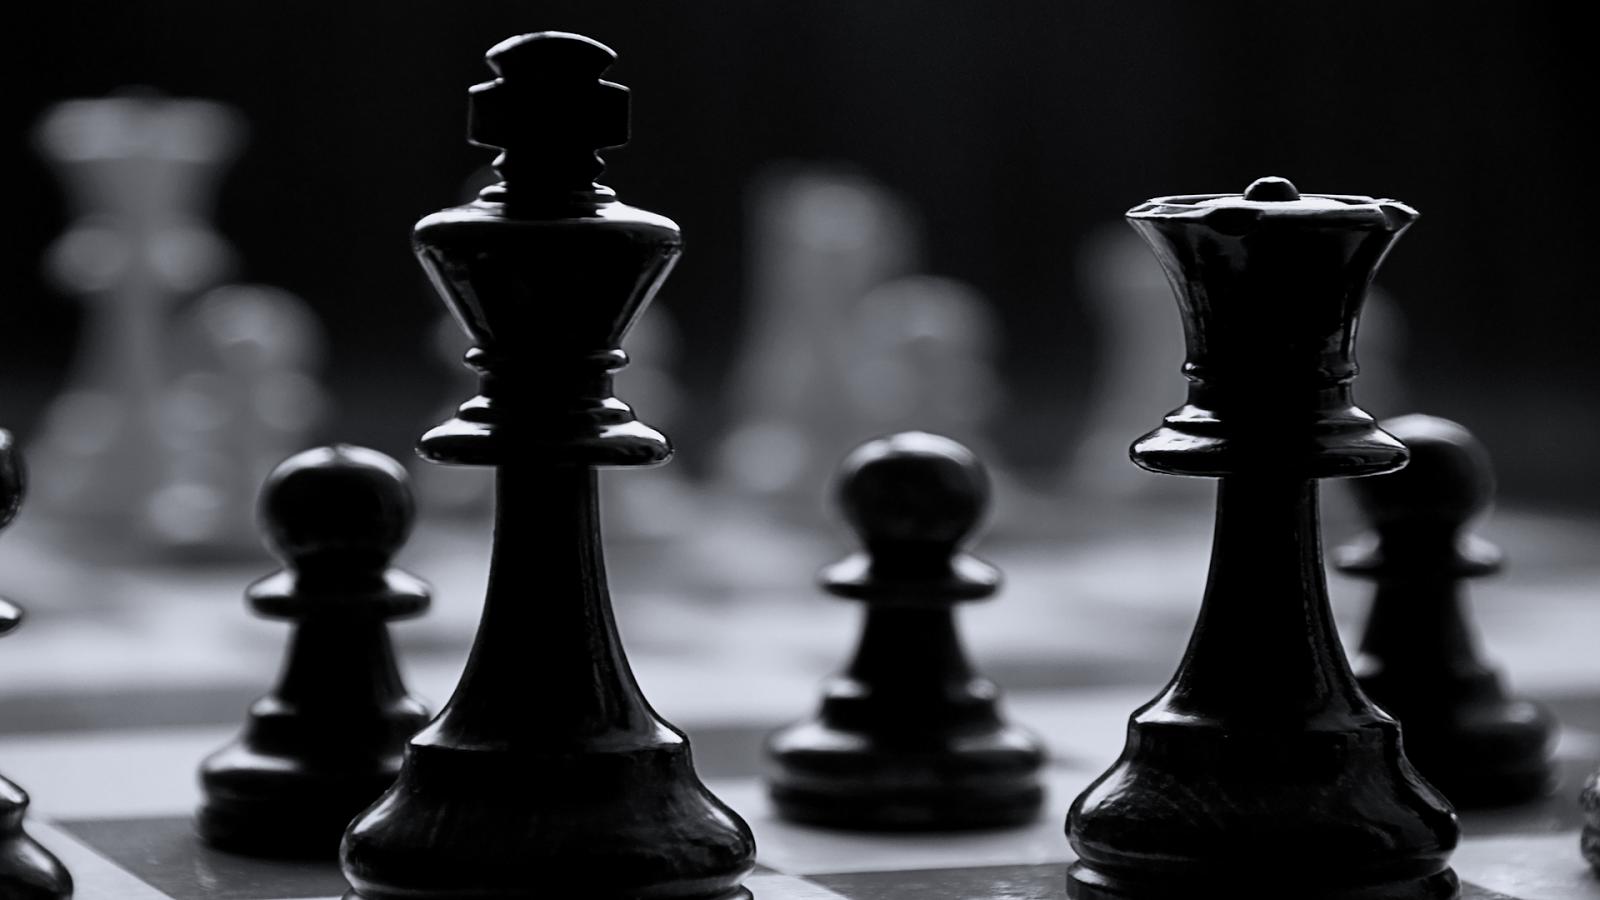 chess-black-and-white-wallpaper-3.jpg